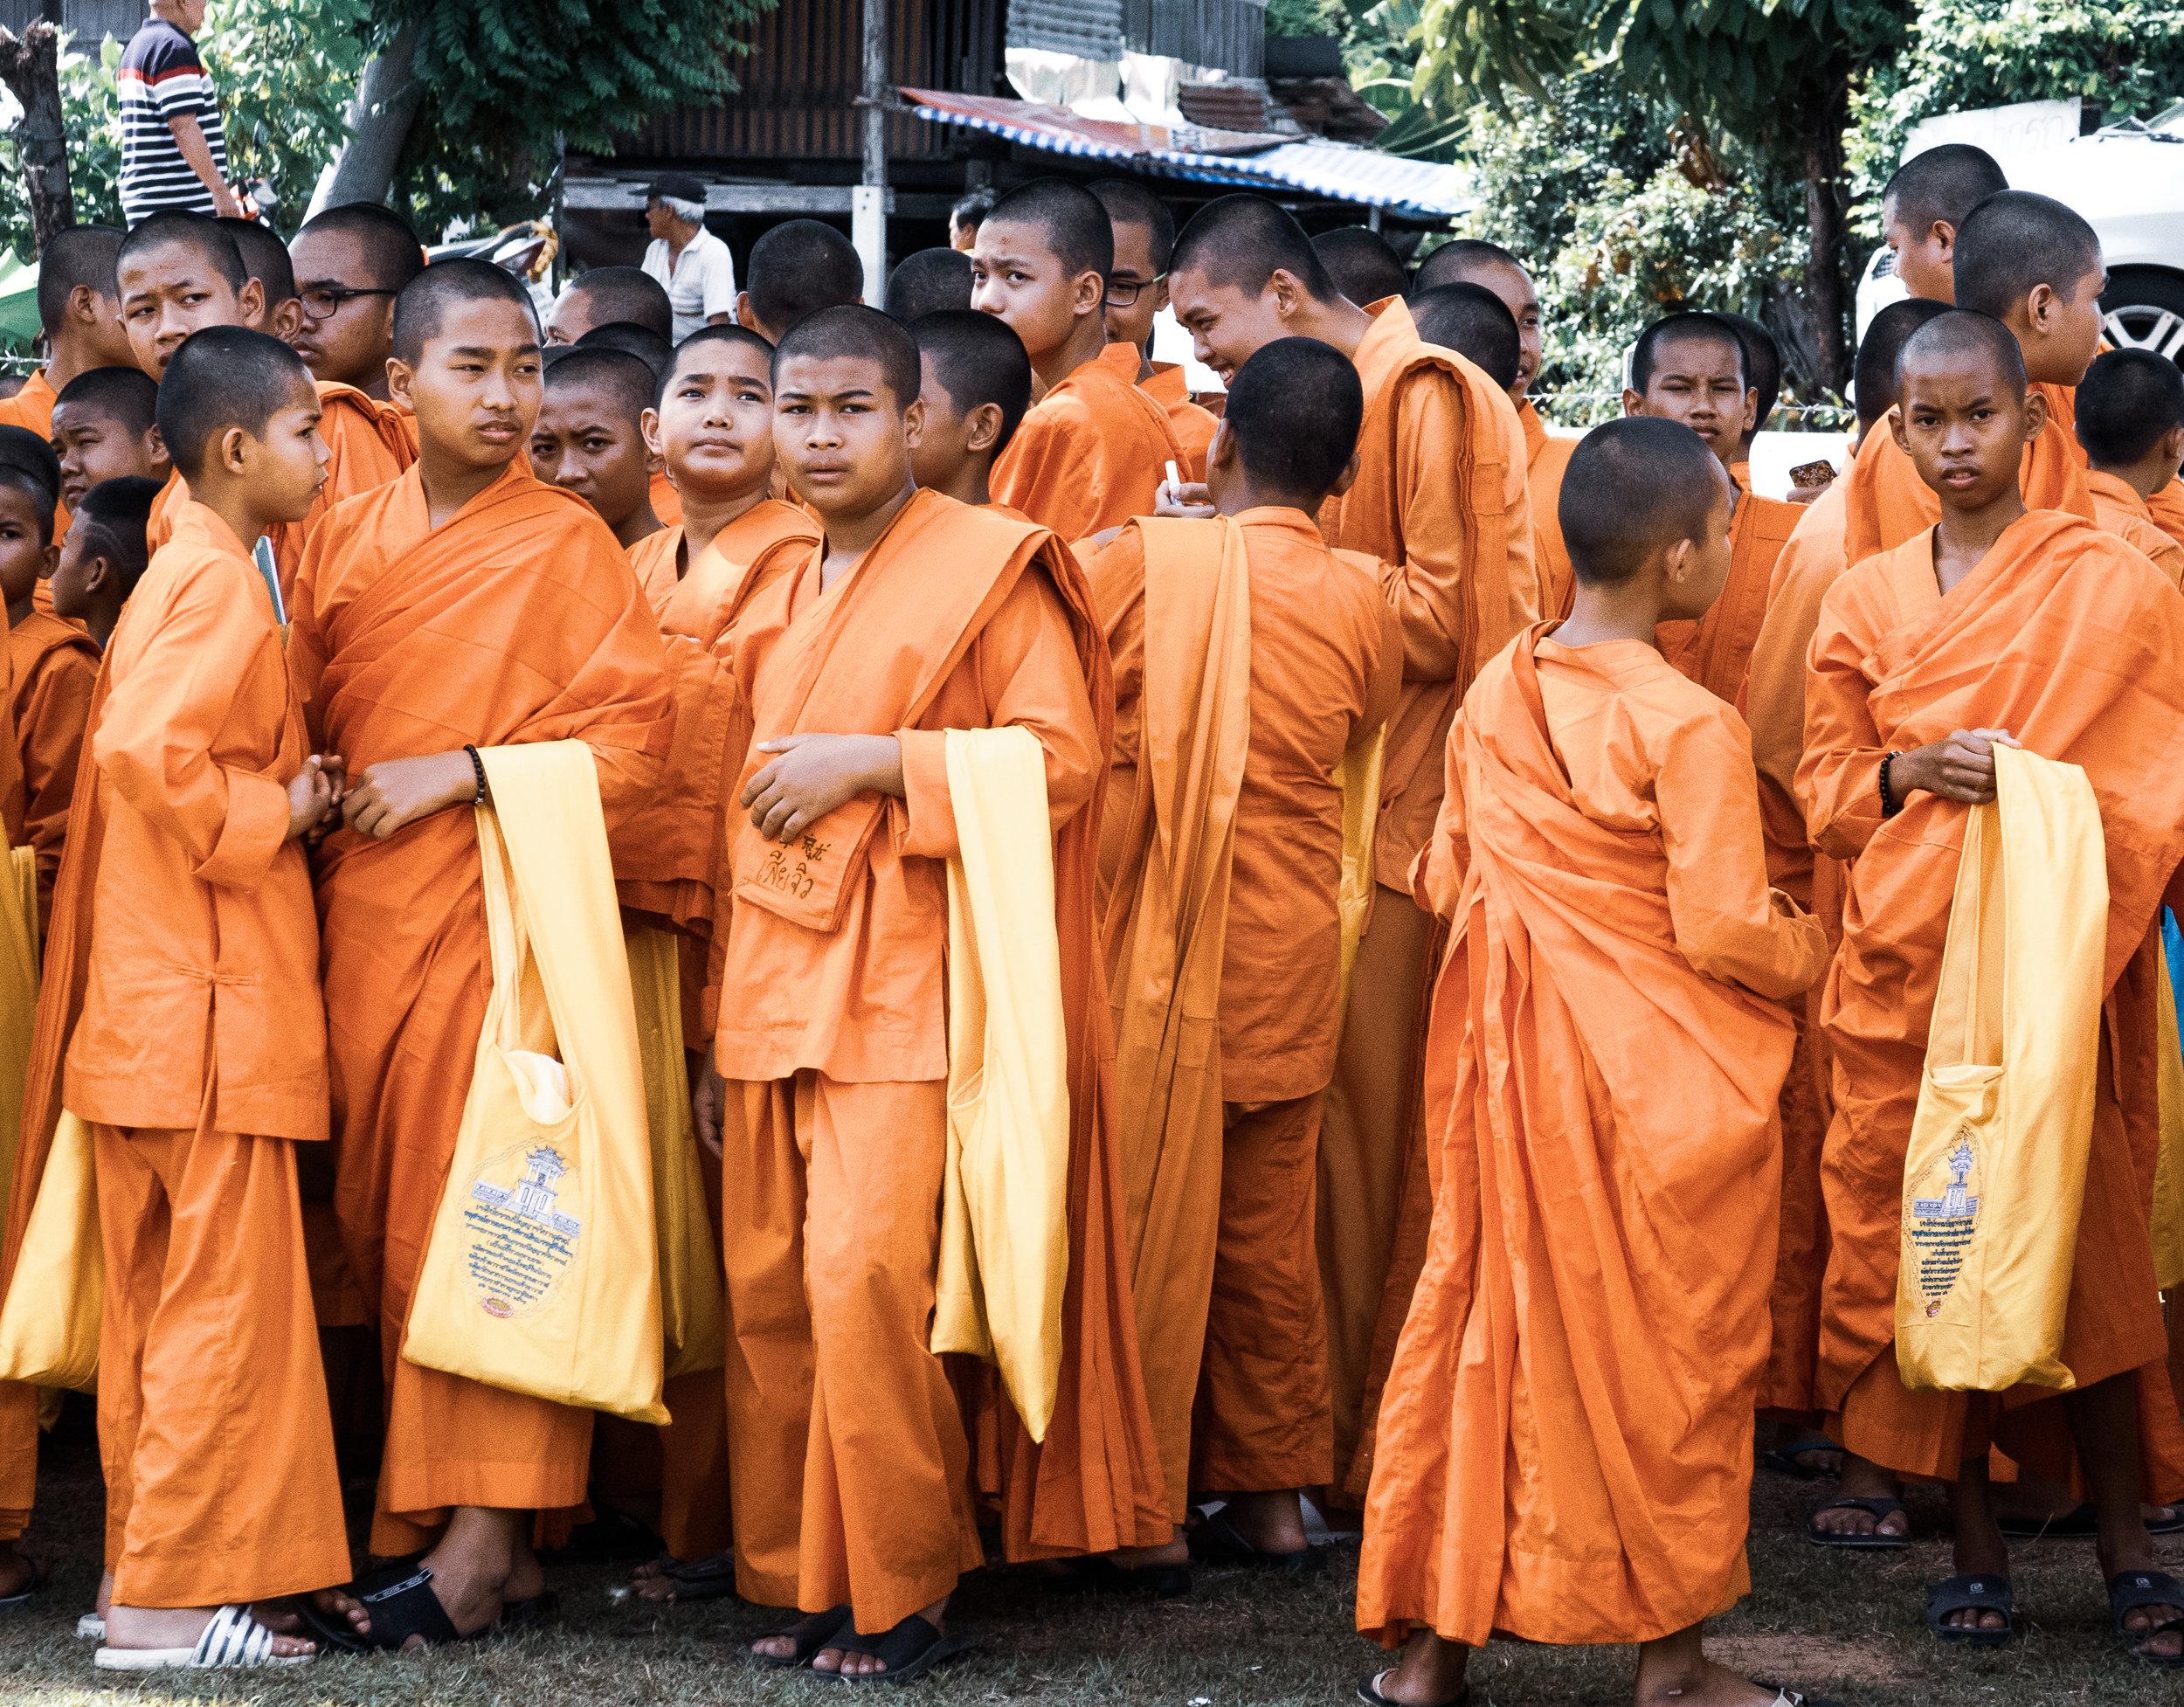 RobinVeret_Monk_Thailand